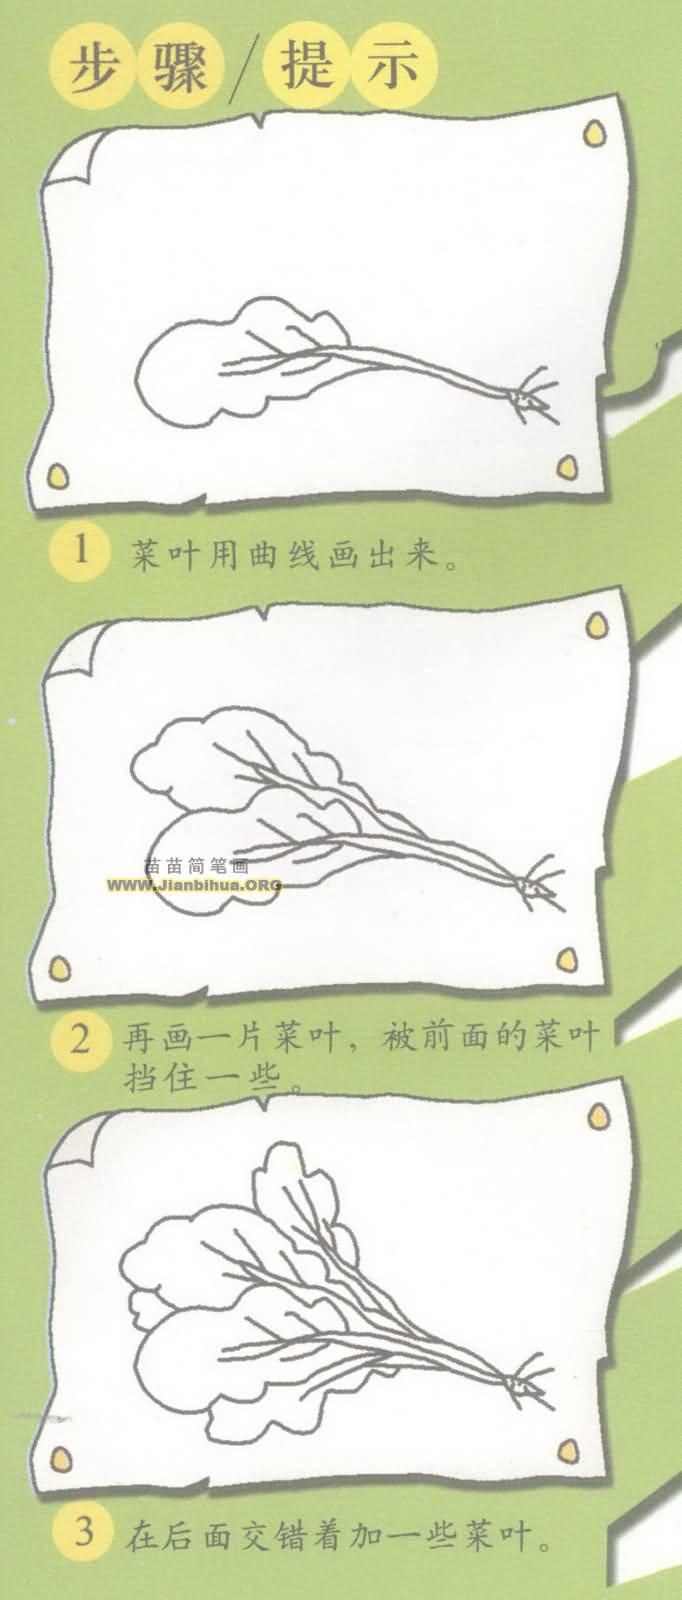 小青菜简笔画图片教程二